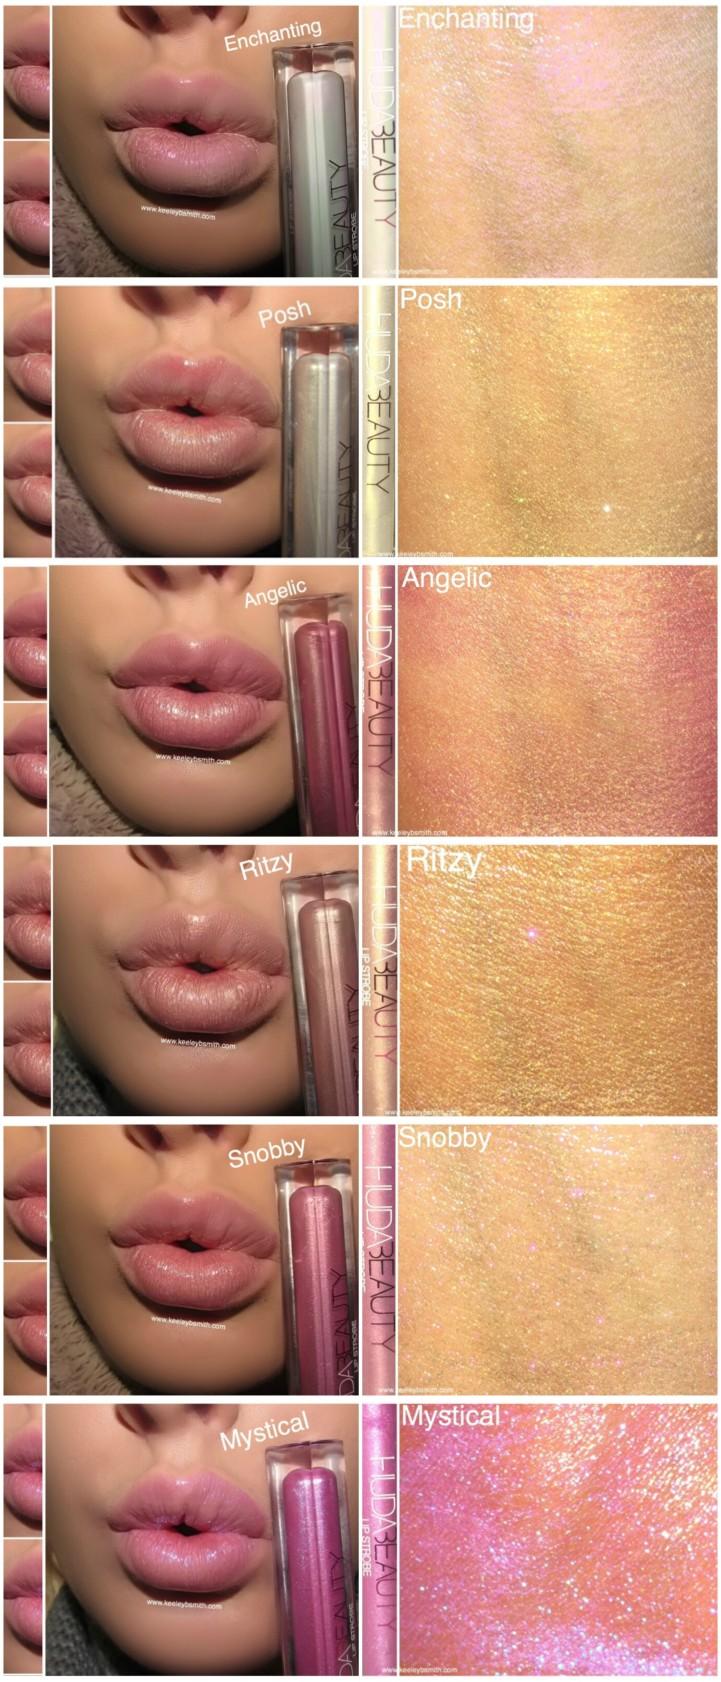 Huda Lip Strobe Swatch 2